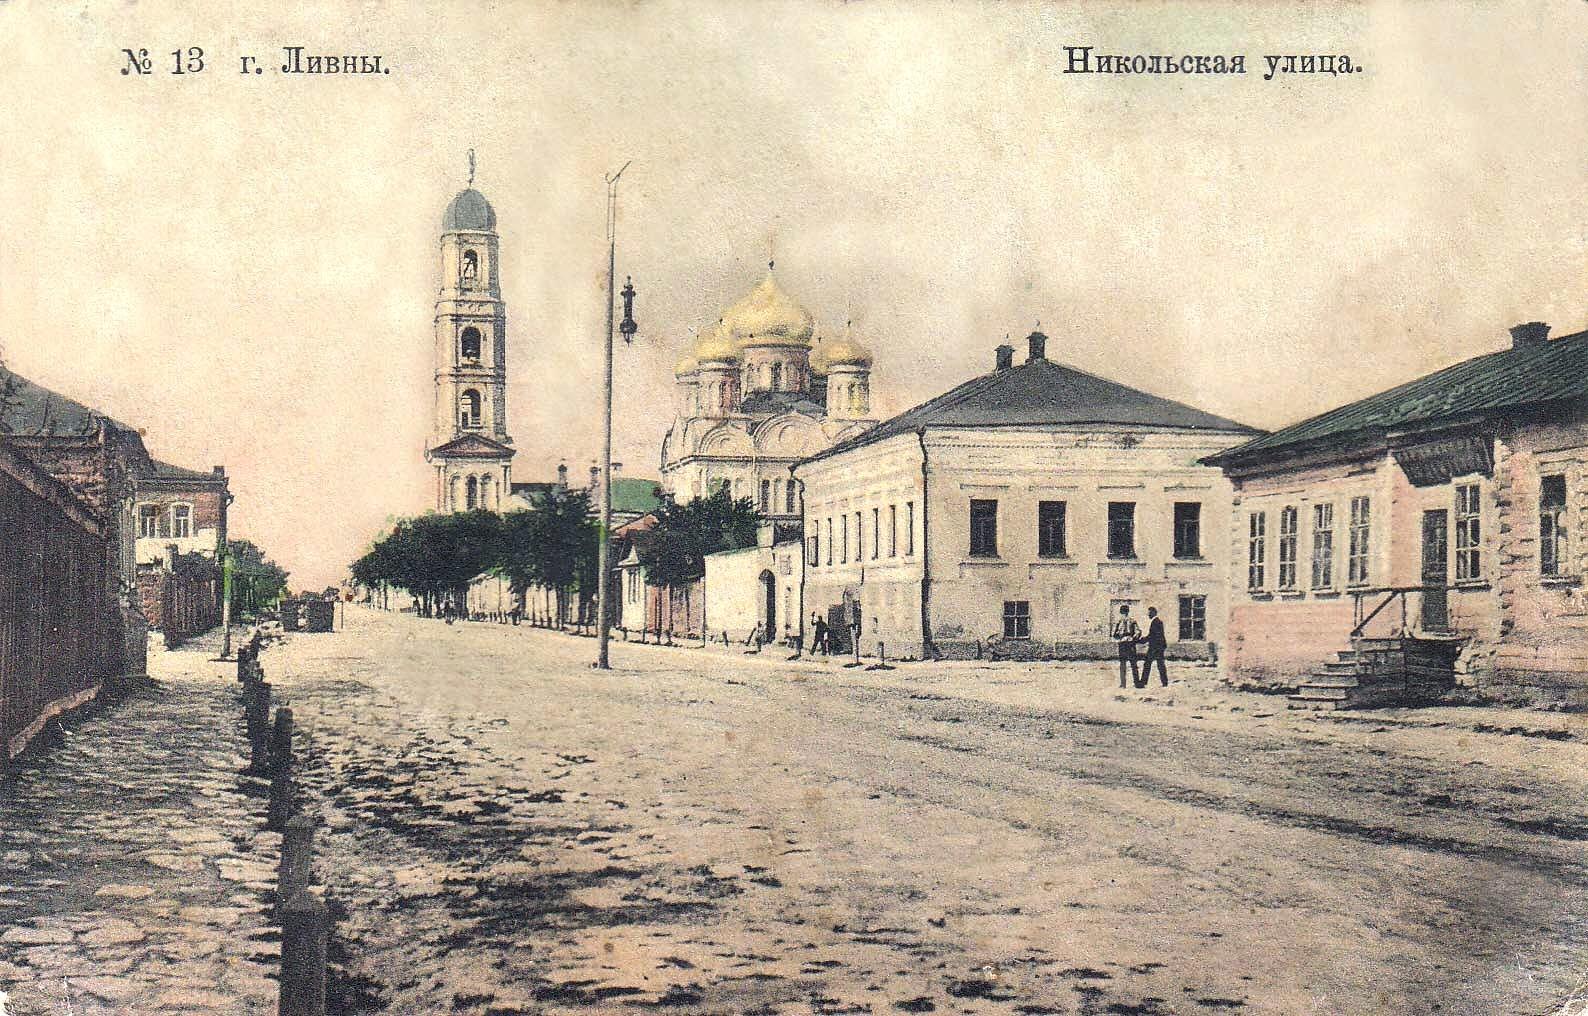 13. Никольская улица